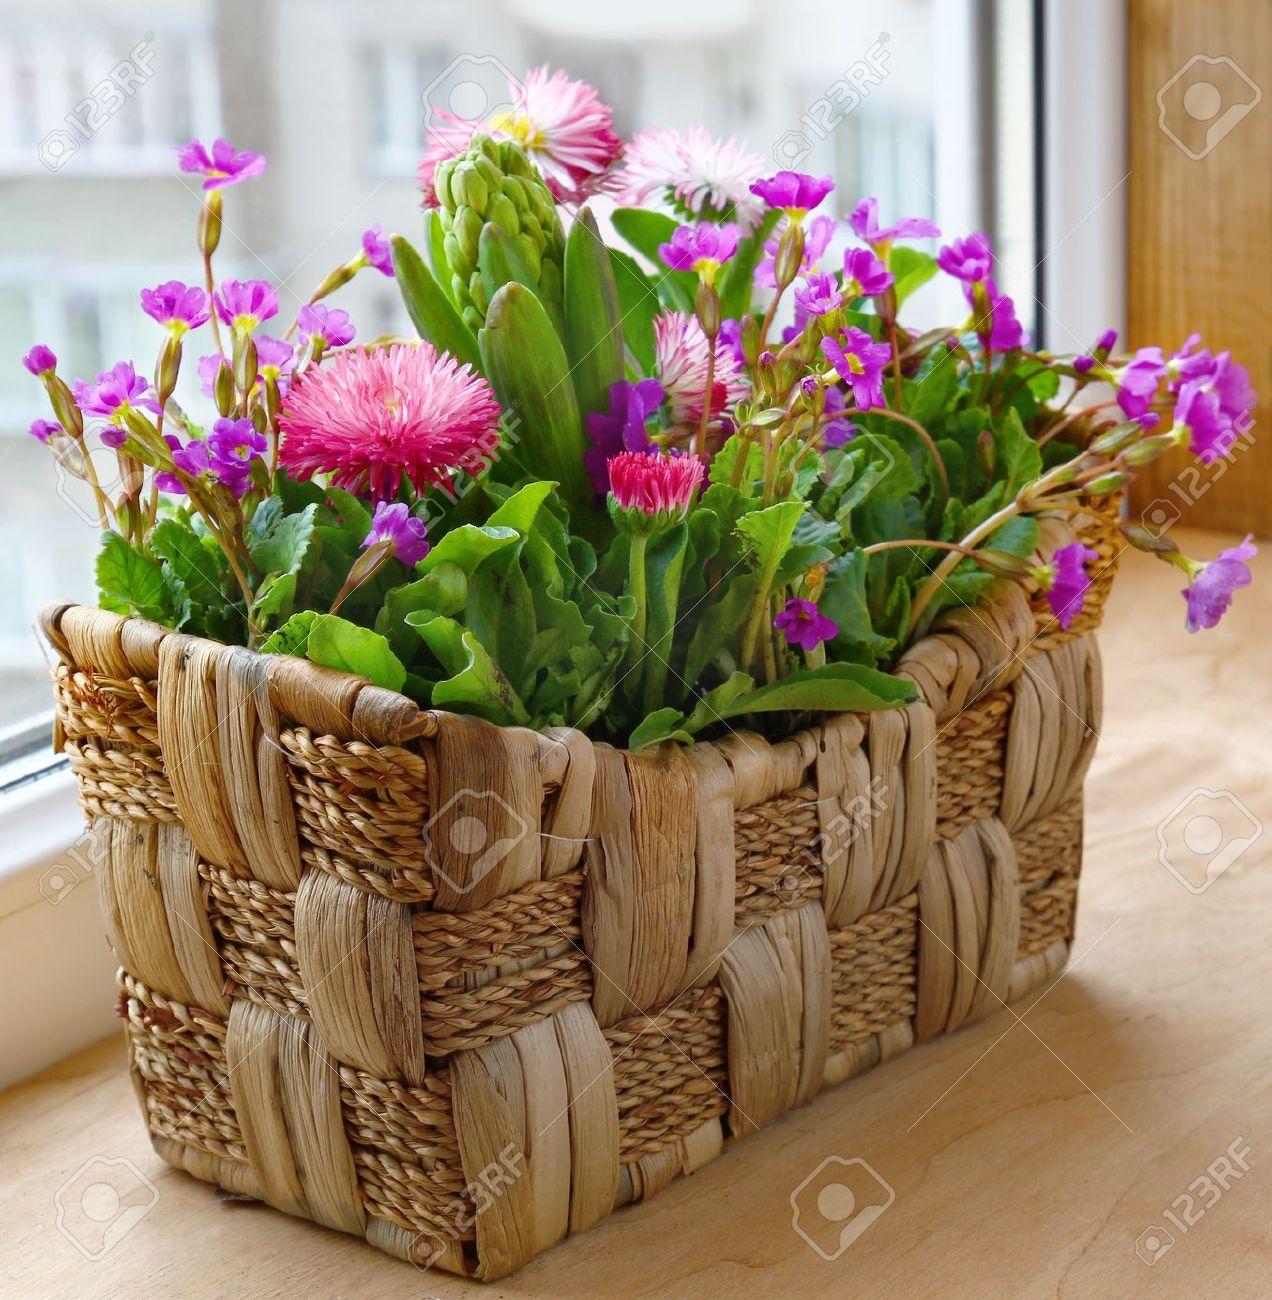 Fruhling Blumen In Einem Korbchen Auf Dem Balkon Lizenzfreie Fotos